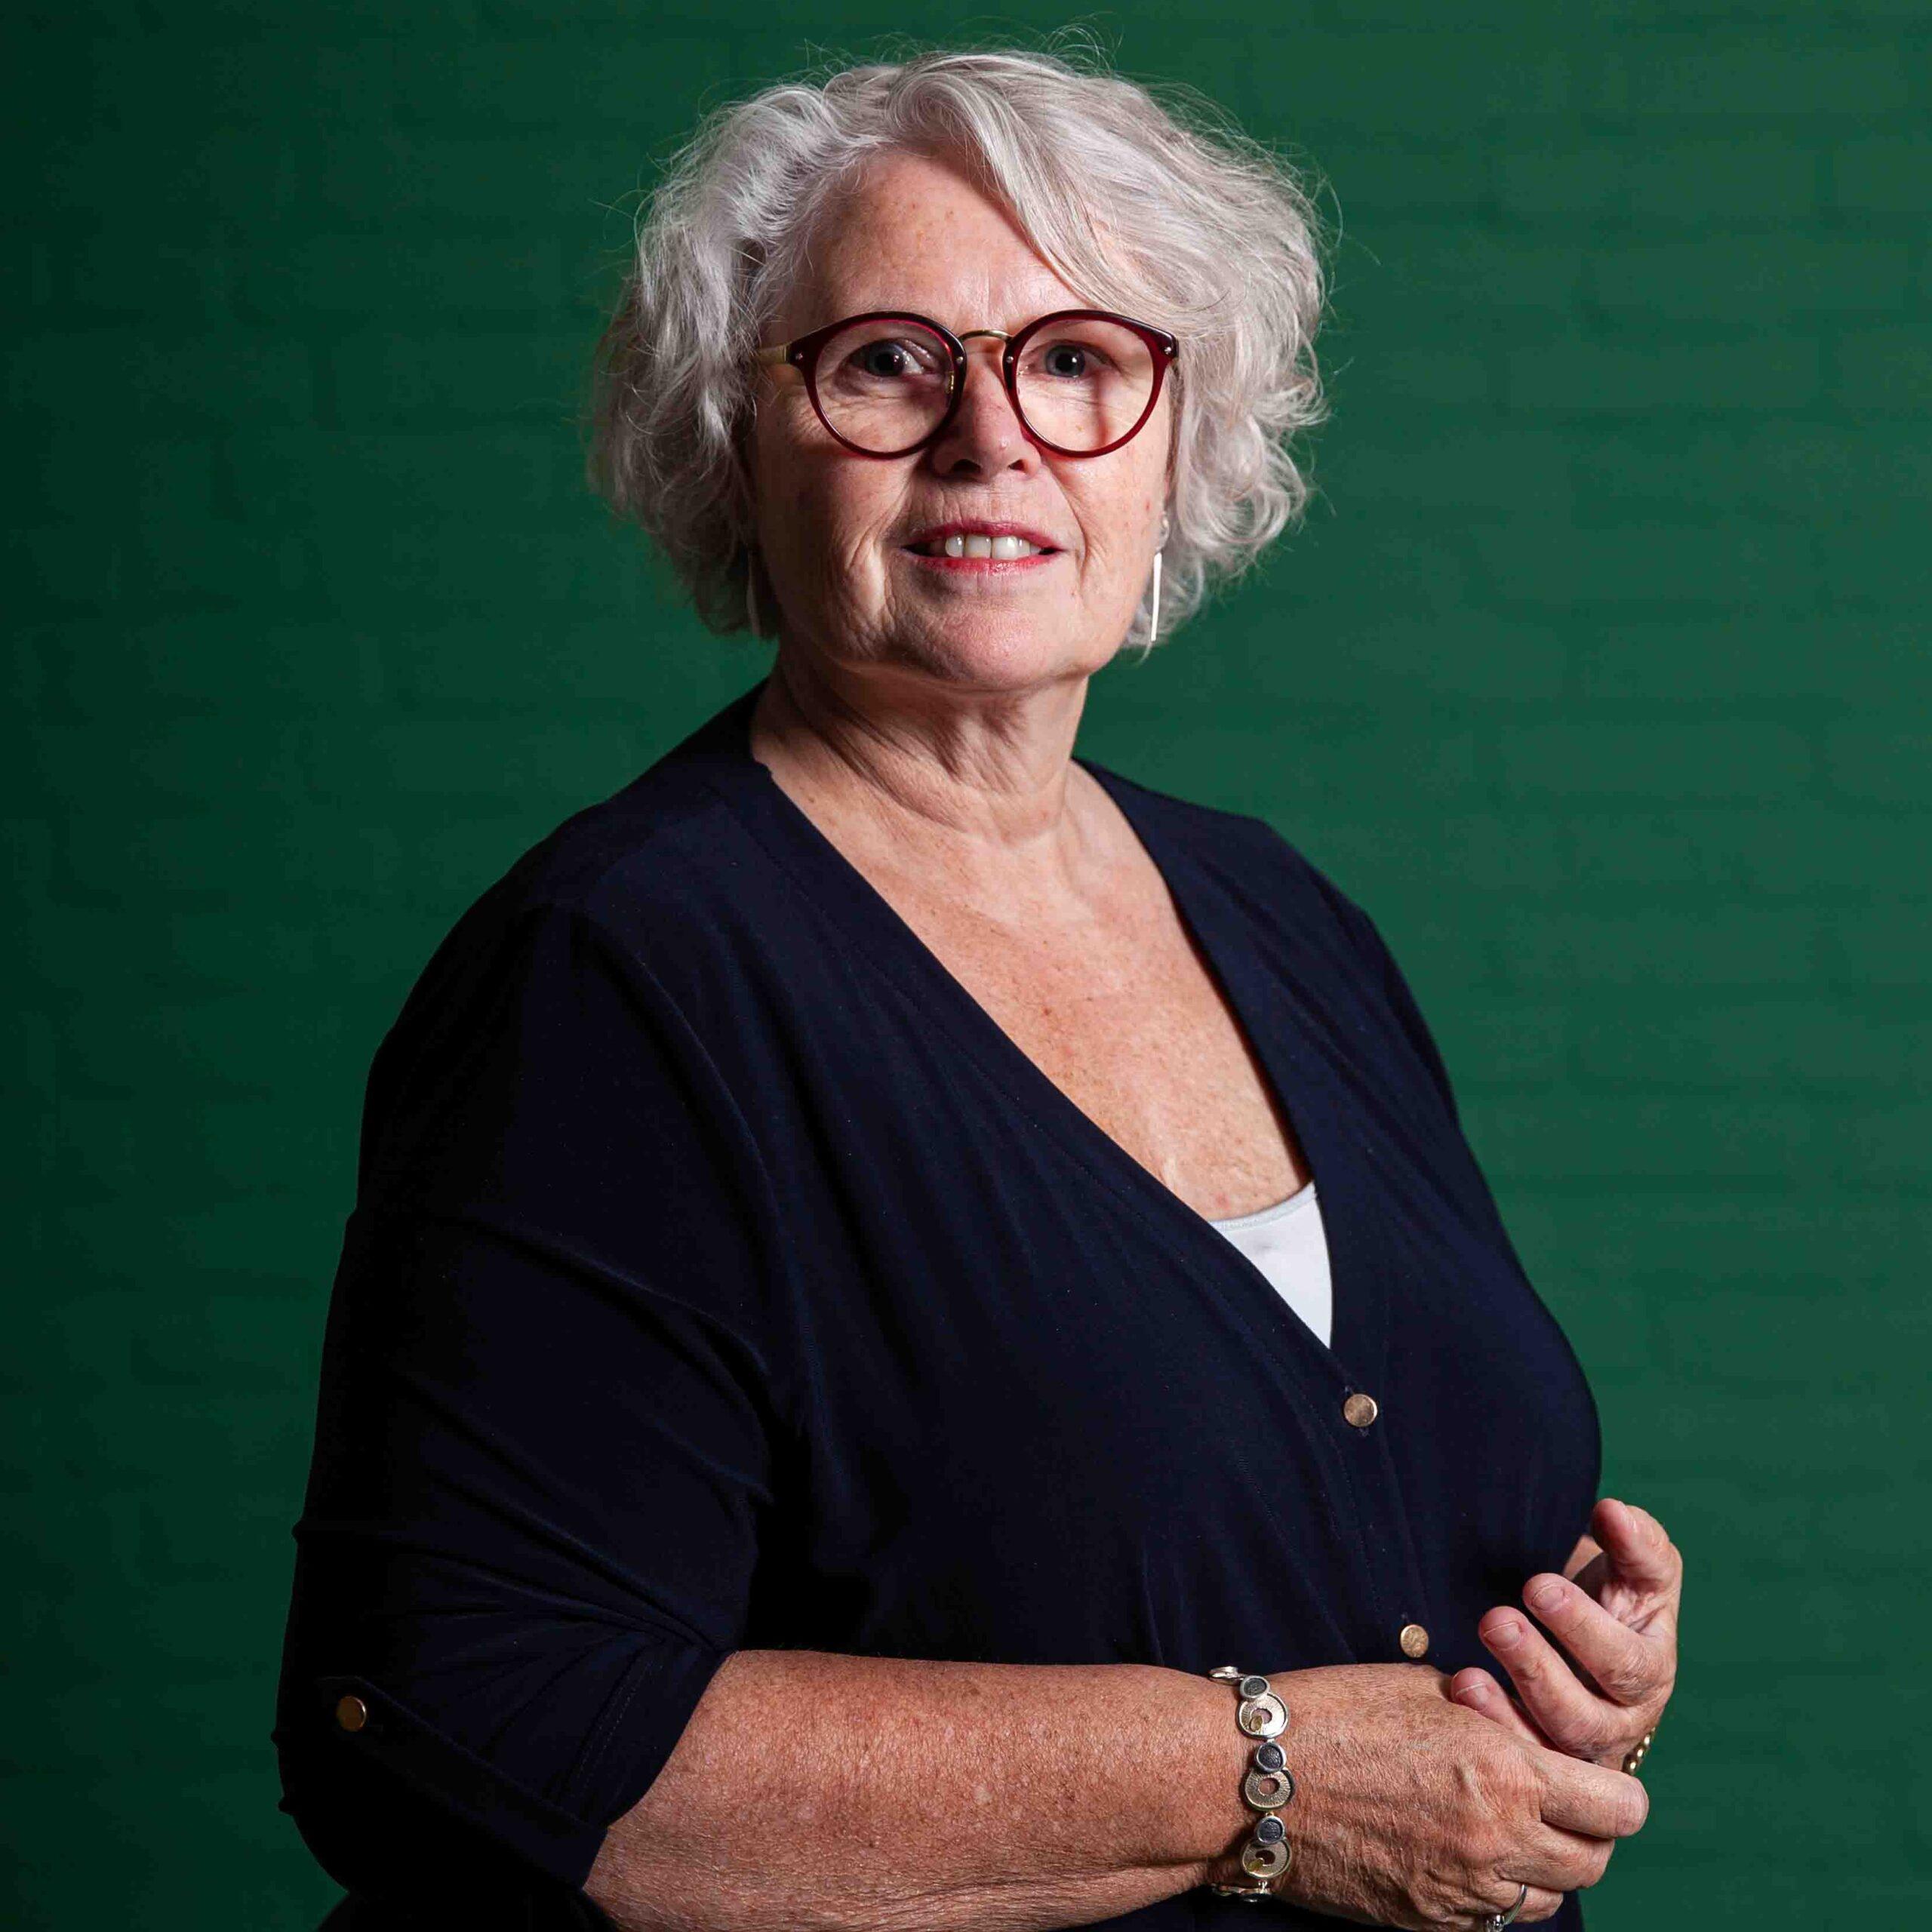 Irma Martens